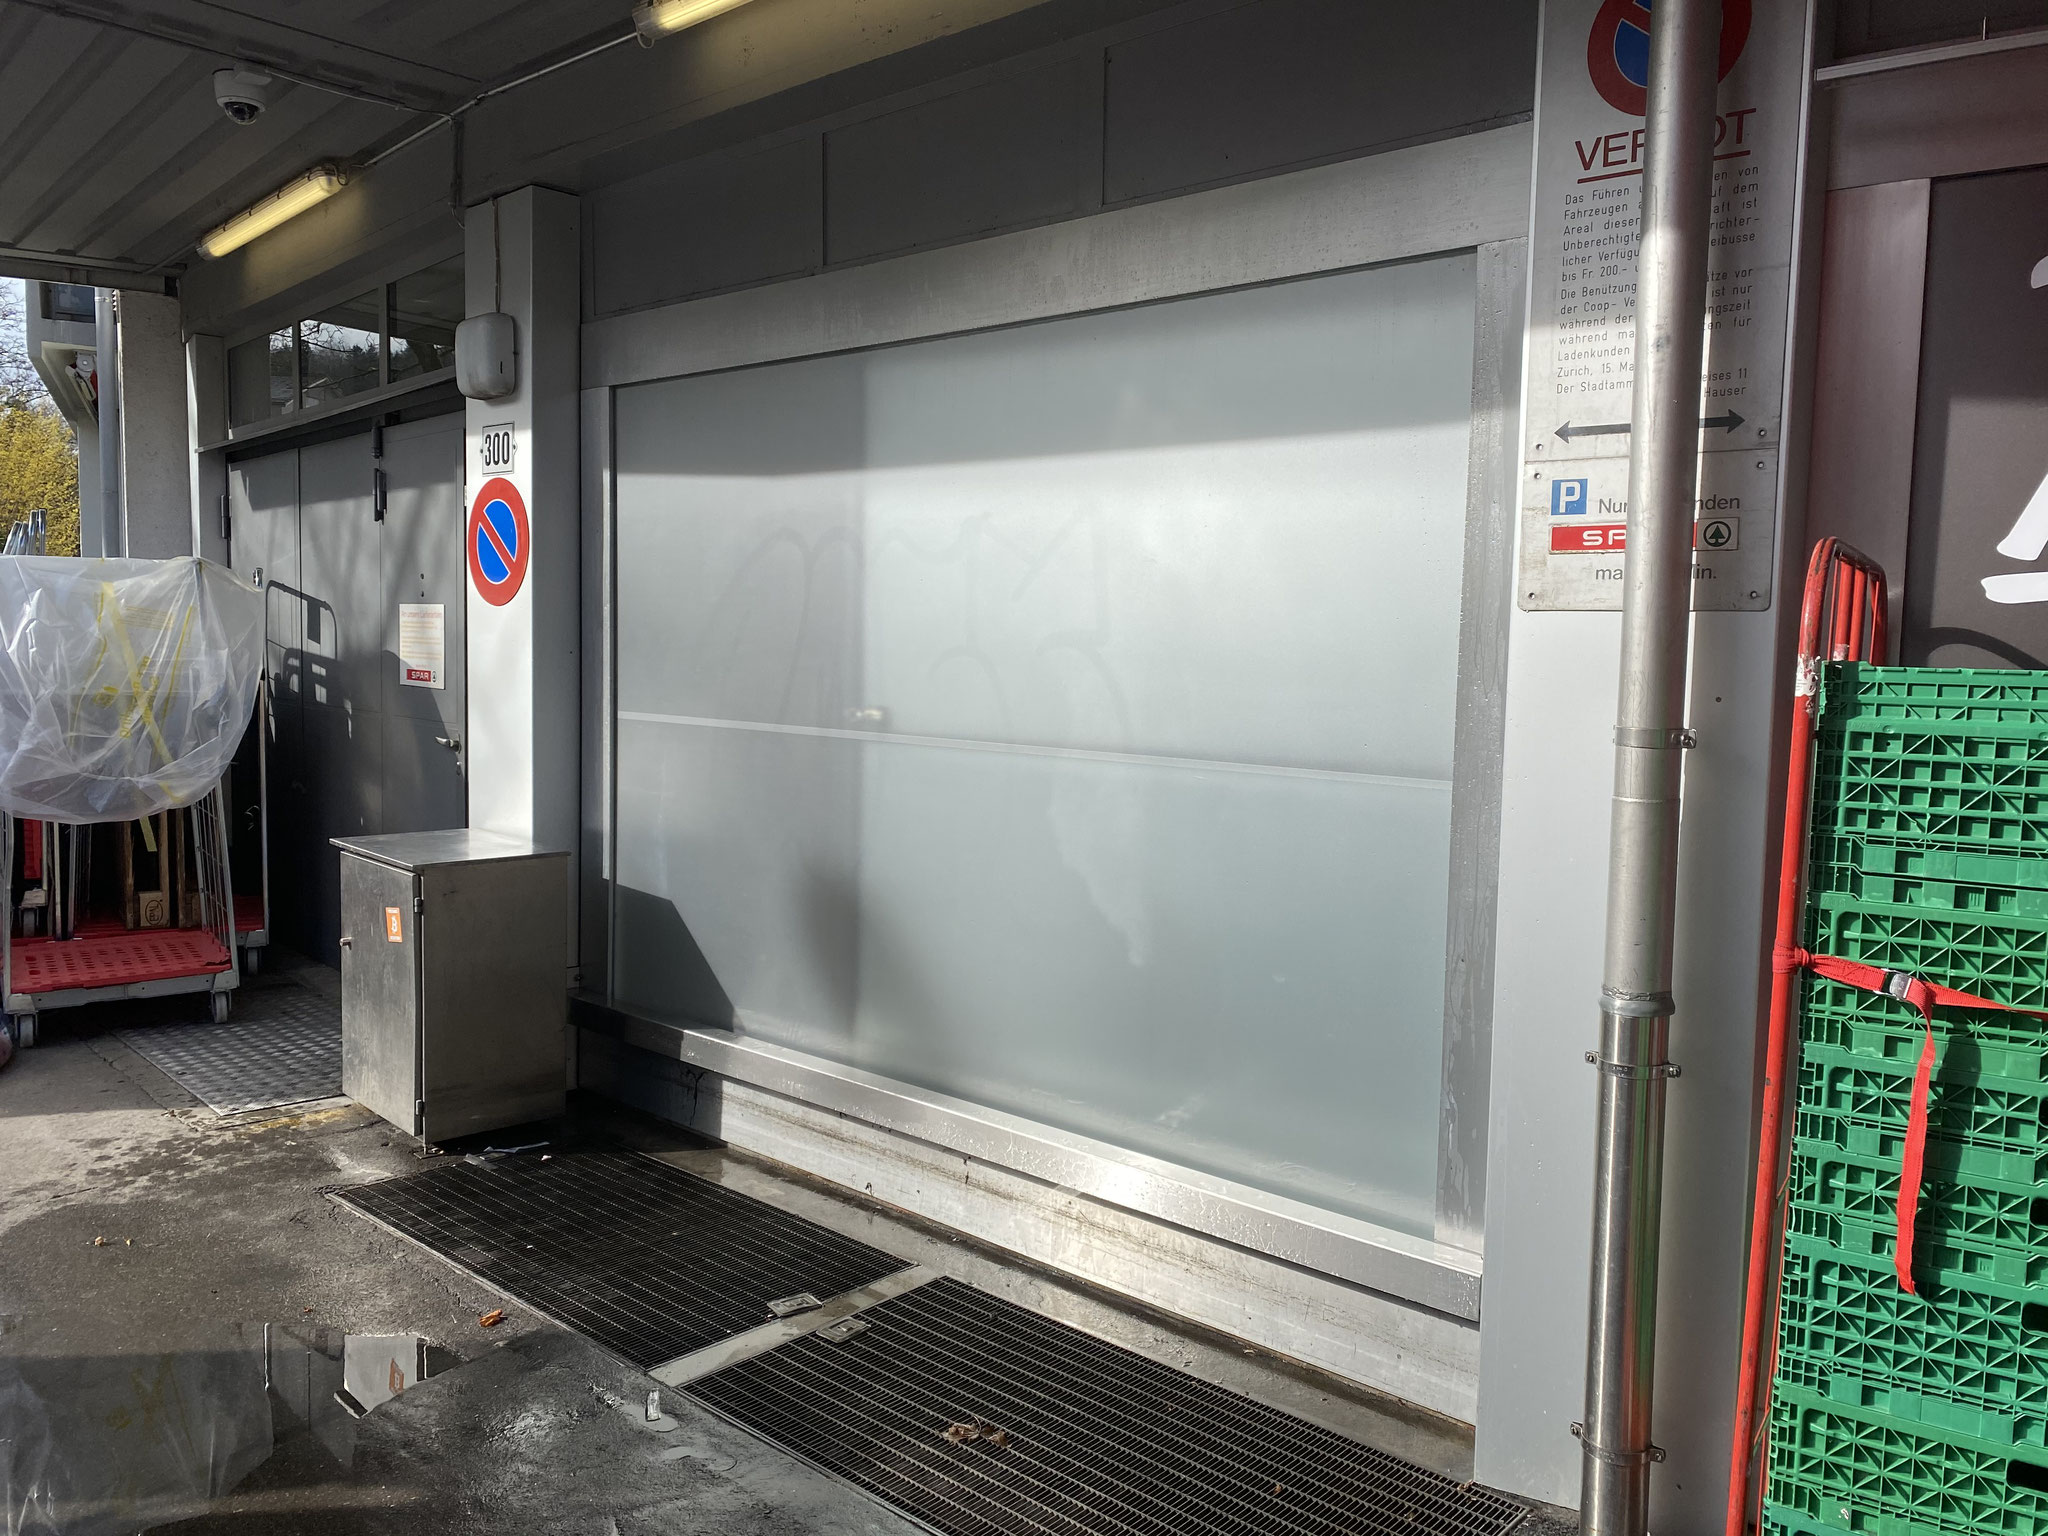 Graffitireinigung auf einer Folie / SPAR in Zürich / Nachher